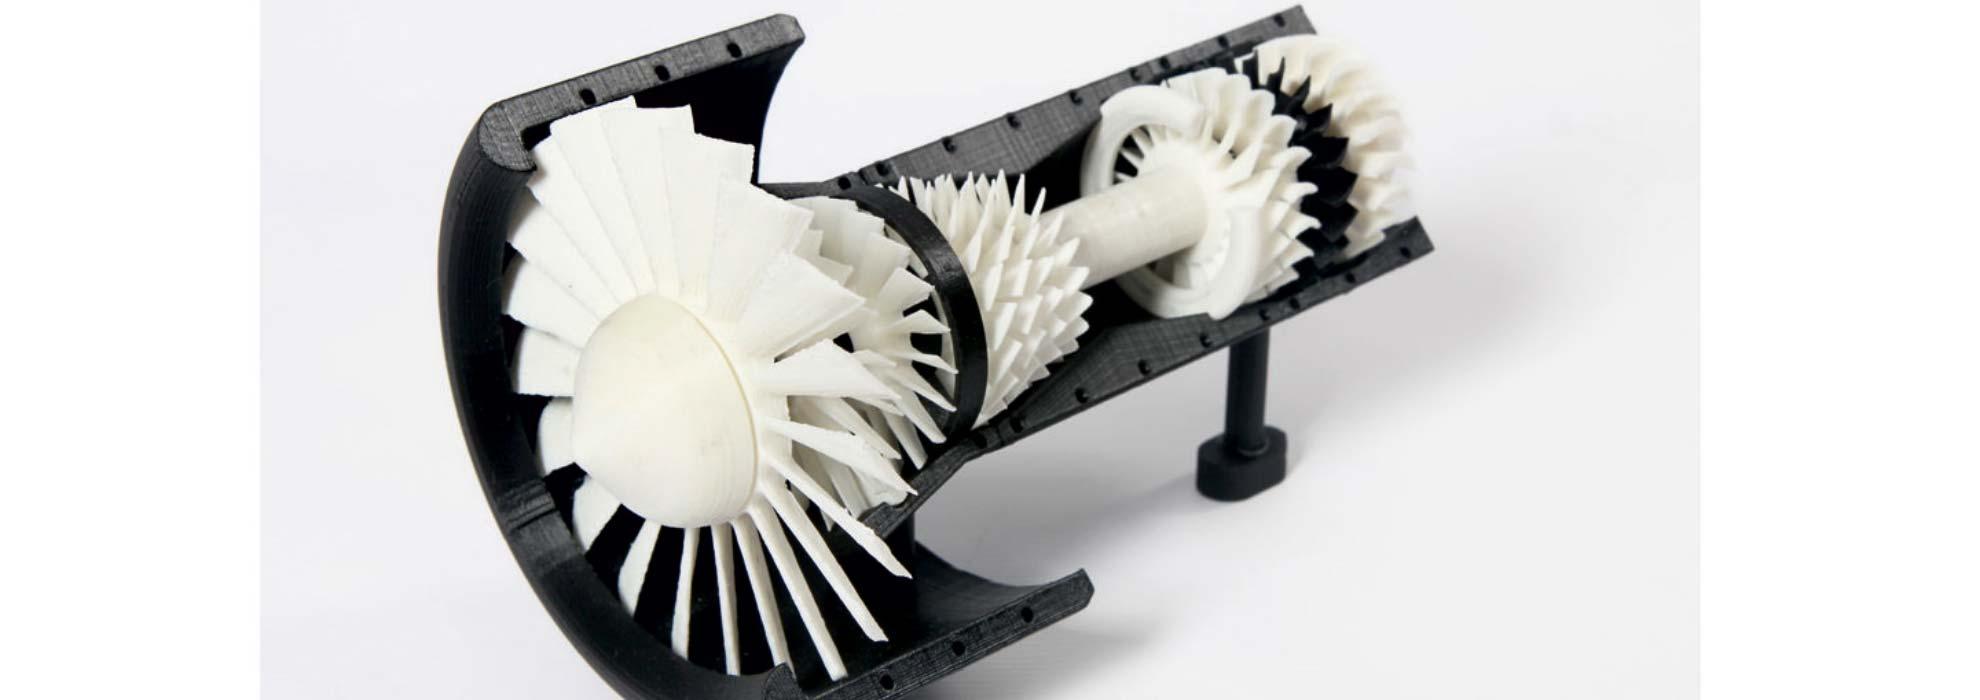 Макет турбины